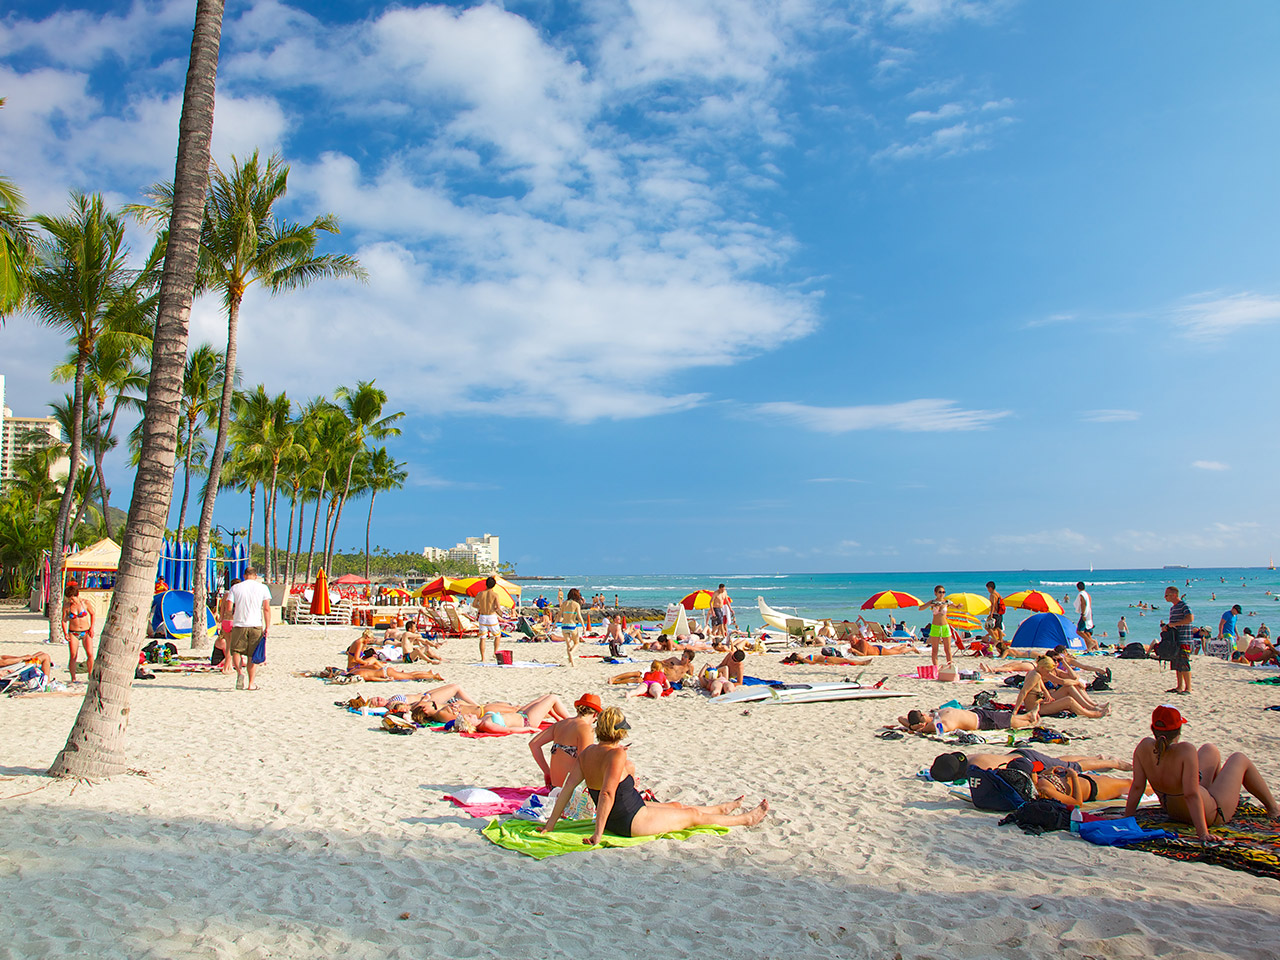 Hawaii's celebrity hotel hangouts